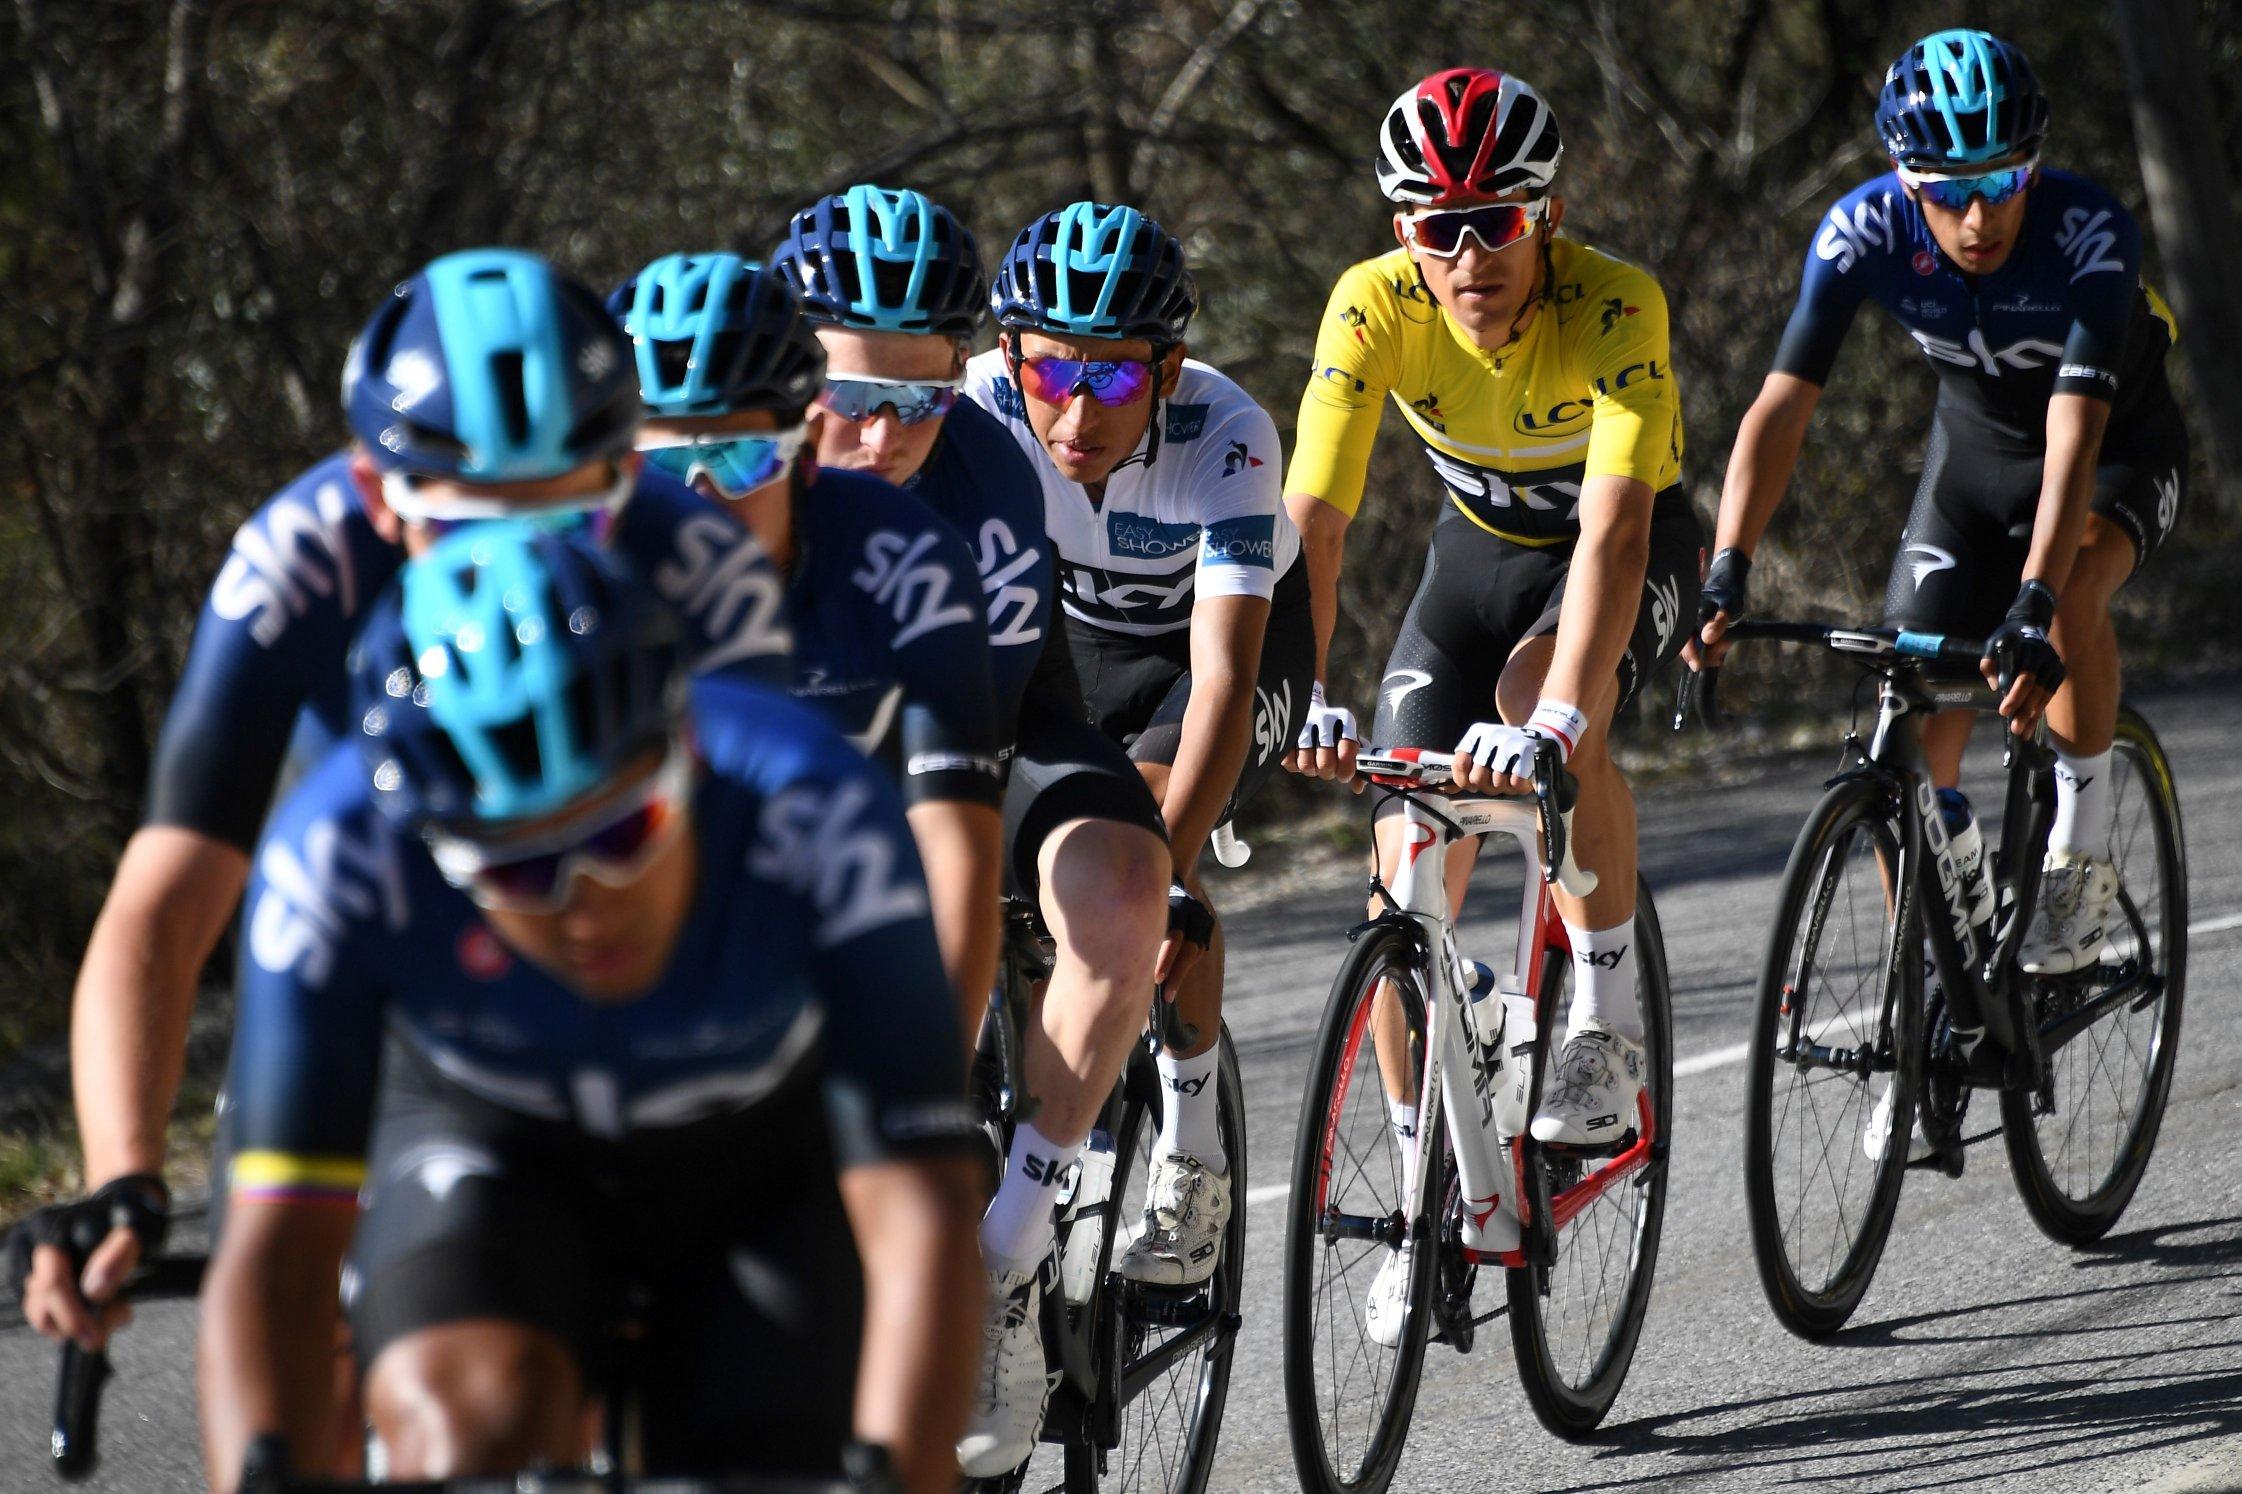 Ciclismo, Ineos ufficializza l'acquisizione del Team Sky